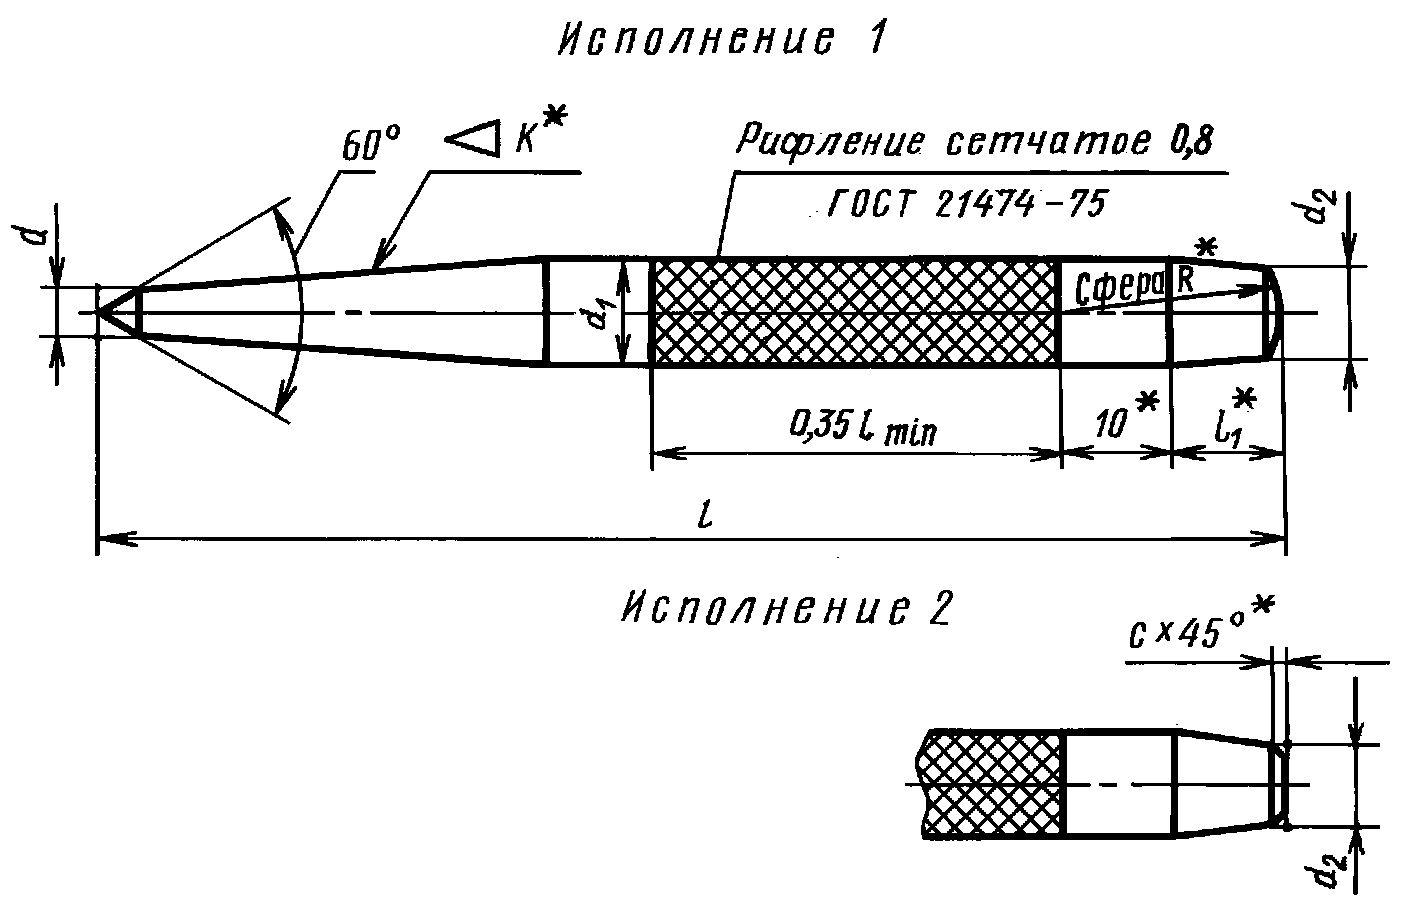 ГОСТ 7213-72 Кернеры. Технические условия (с Изменениями N 1, 2, 3)